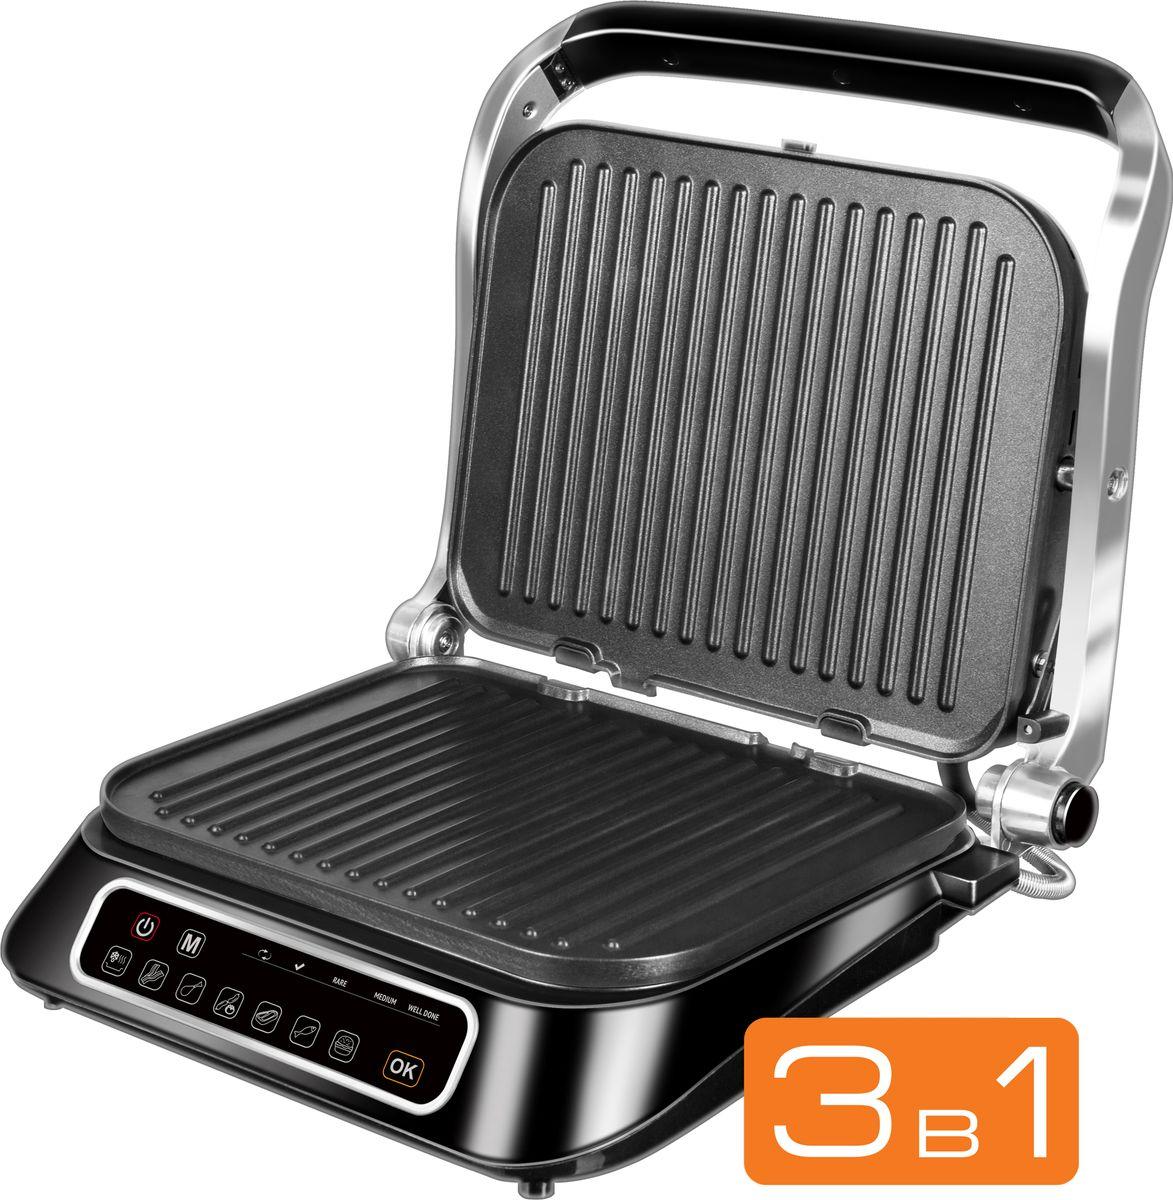 Redmond SteakMaster RGM-M805 электрогриль - Электрогрили